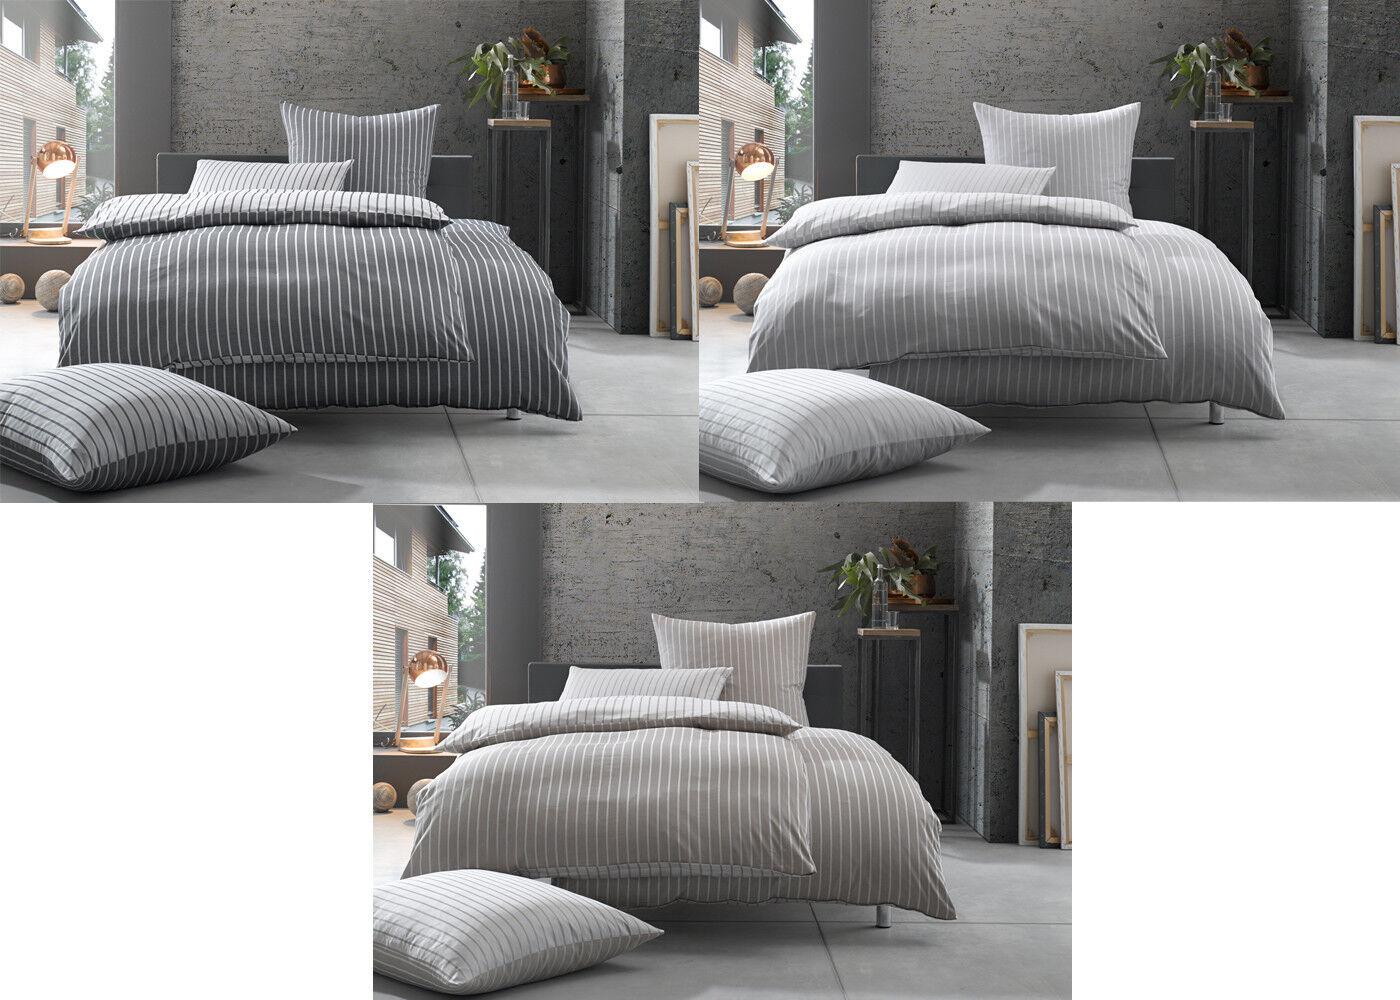 Damast Mako-Satin 100% Baumwolle Streifen Wendebettwäsche schwarz, braun, grau